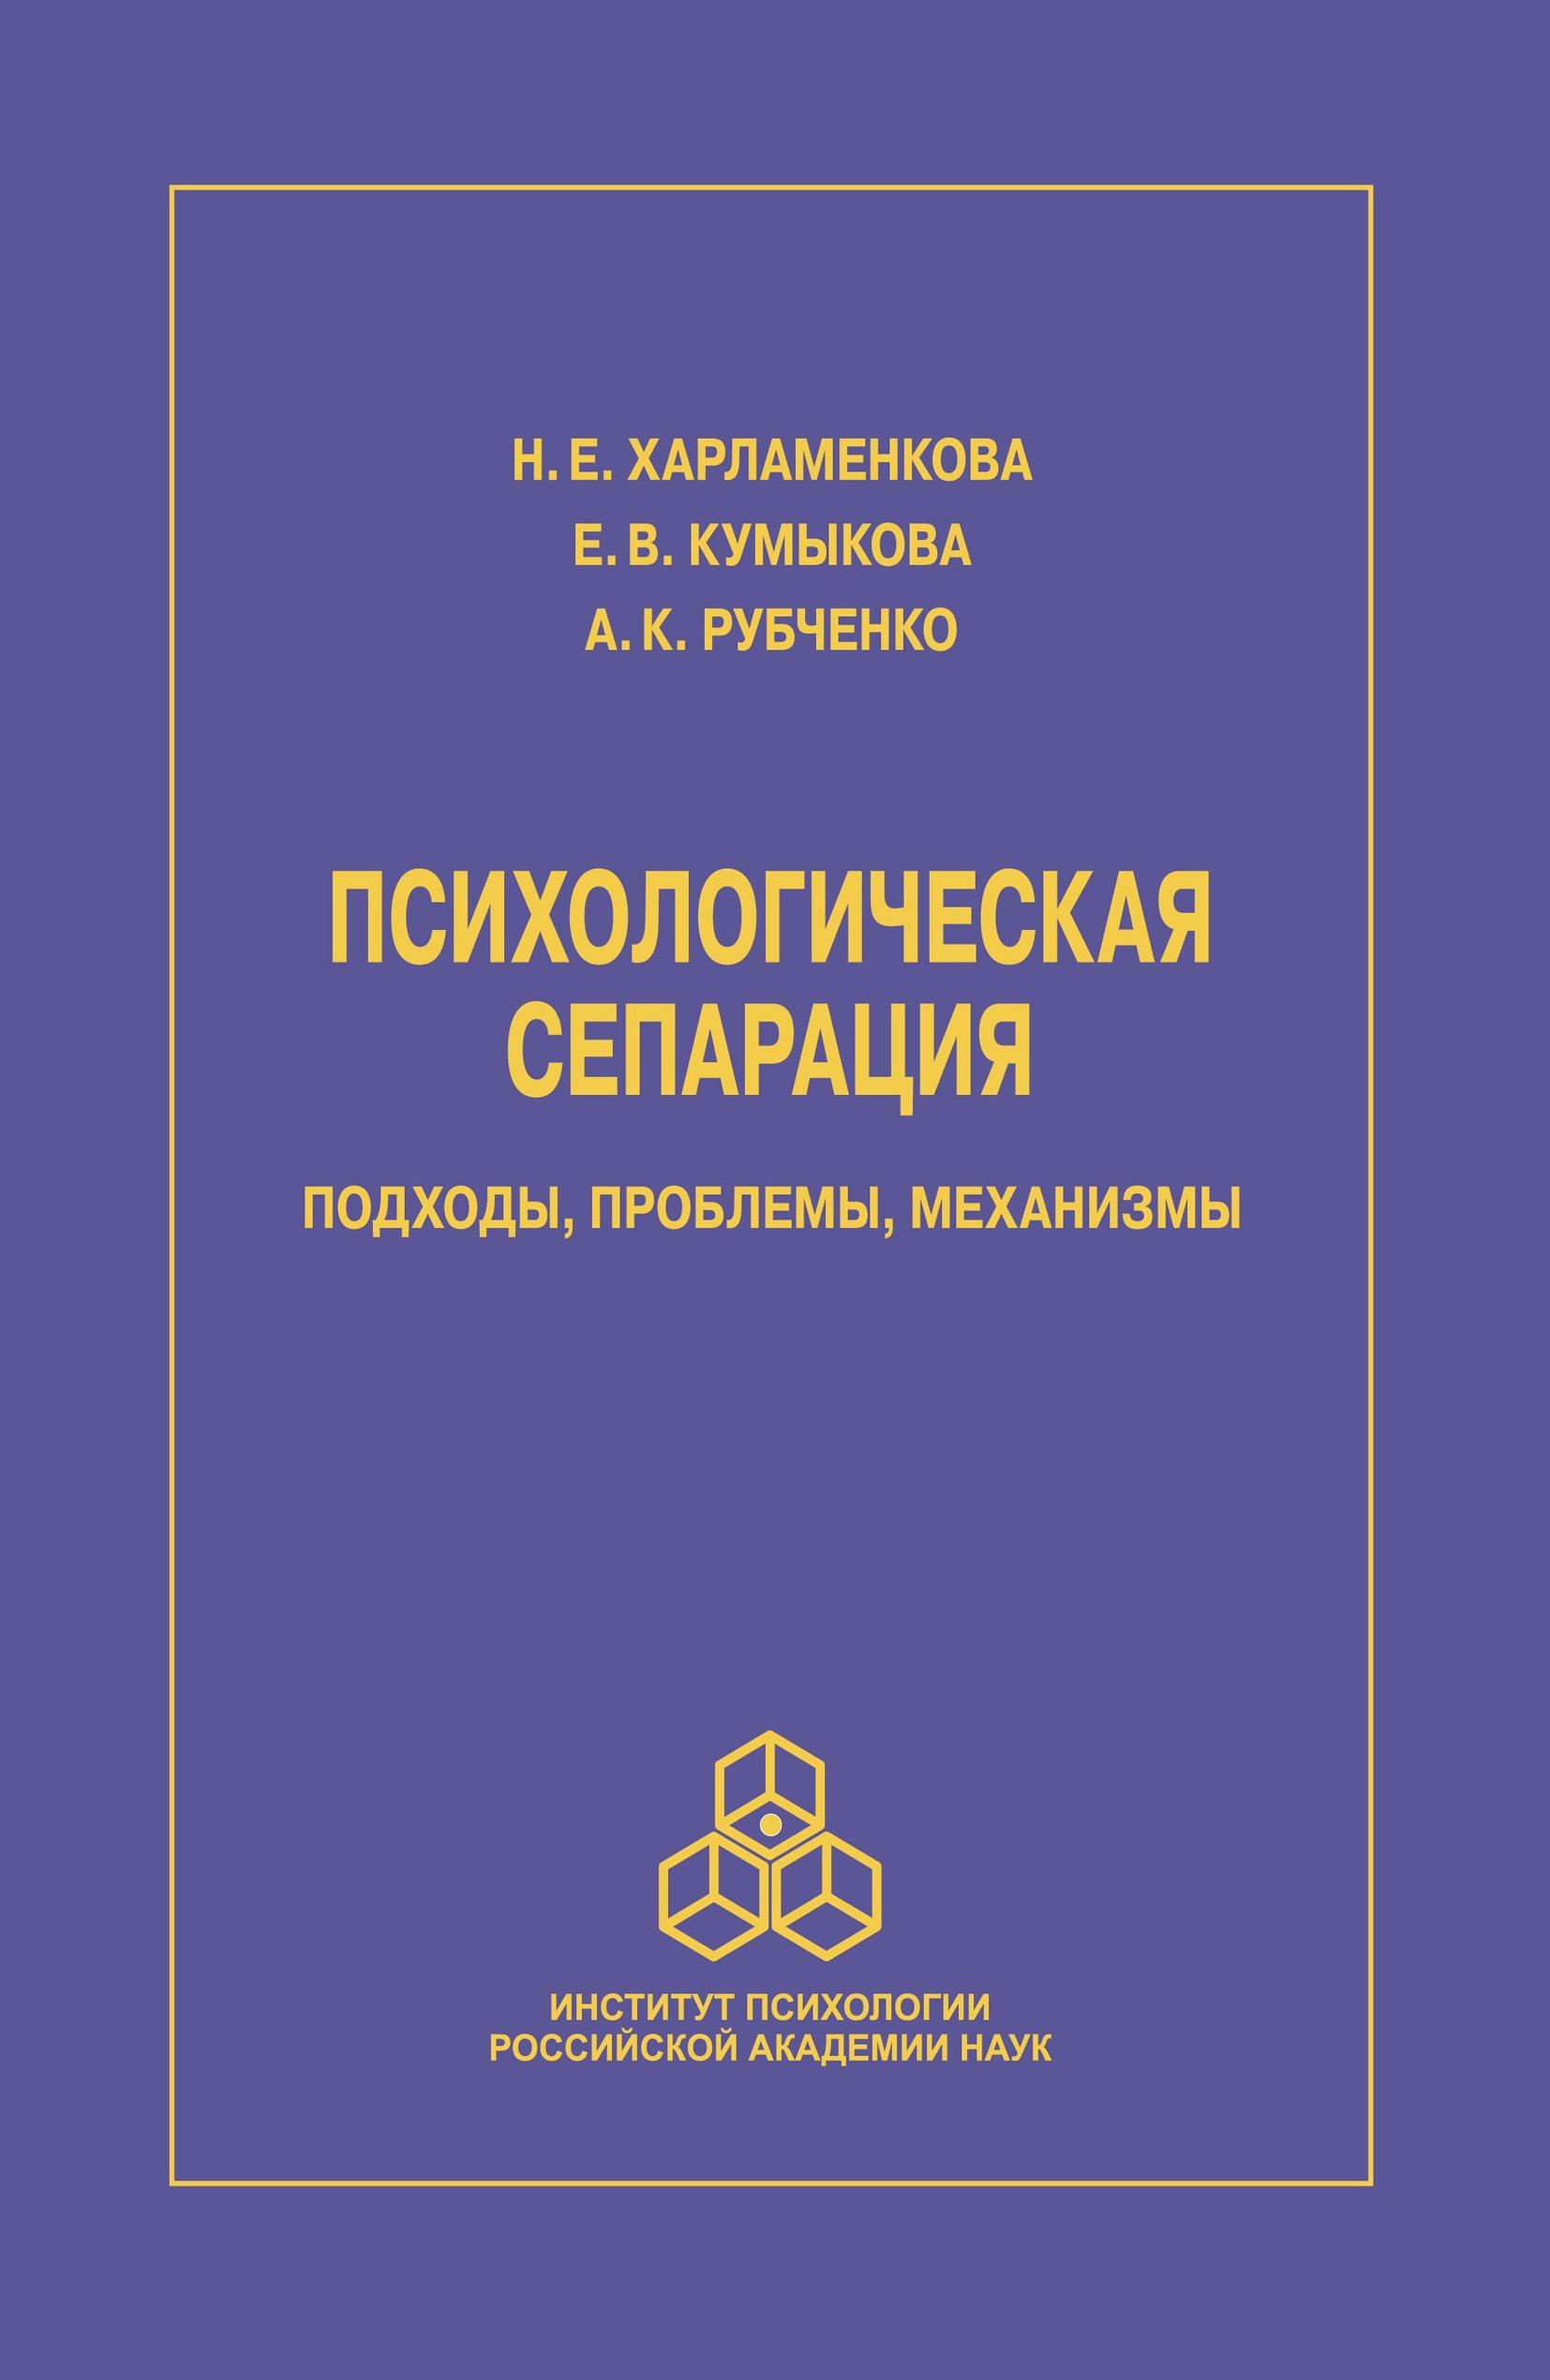 Н. Е. Харламенкова Психологическая сепарация: подходы, проблемы, механизмы